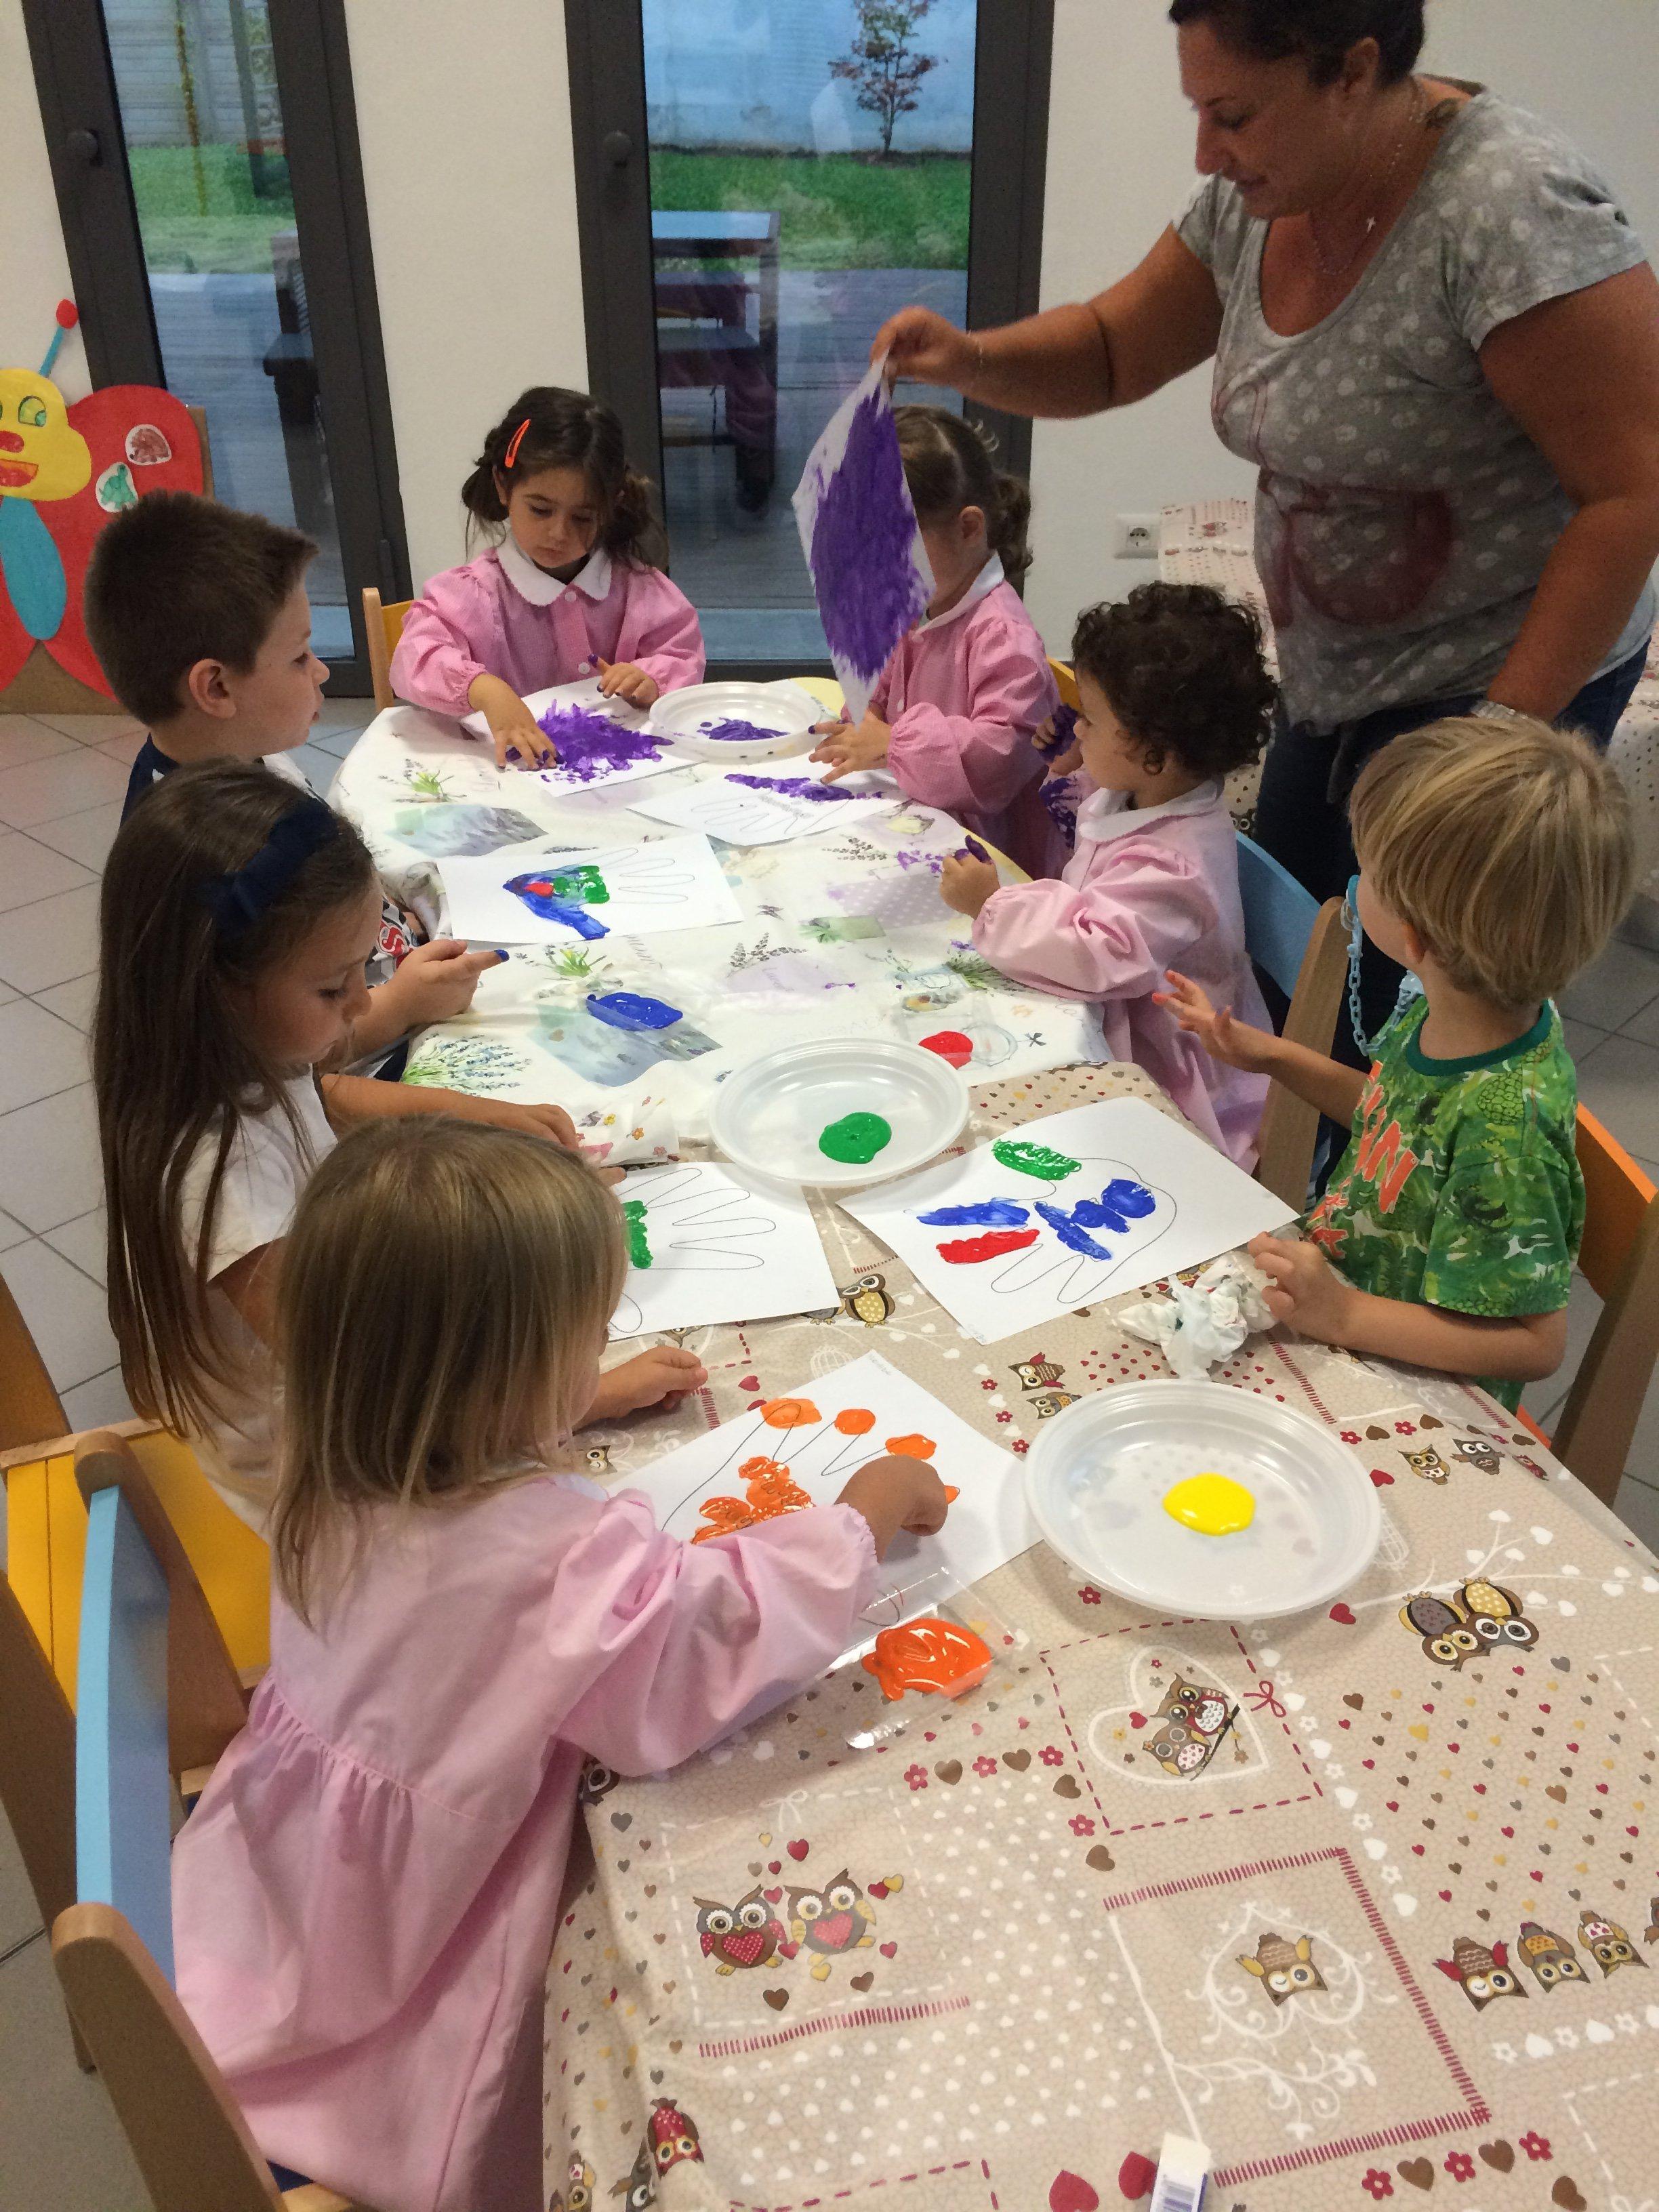 Bambini giocano a colorare